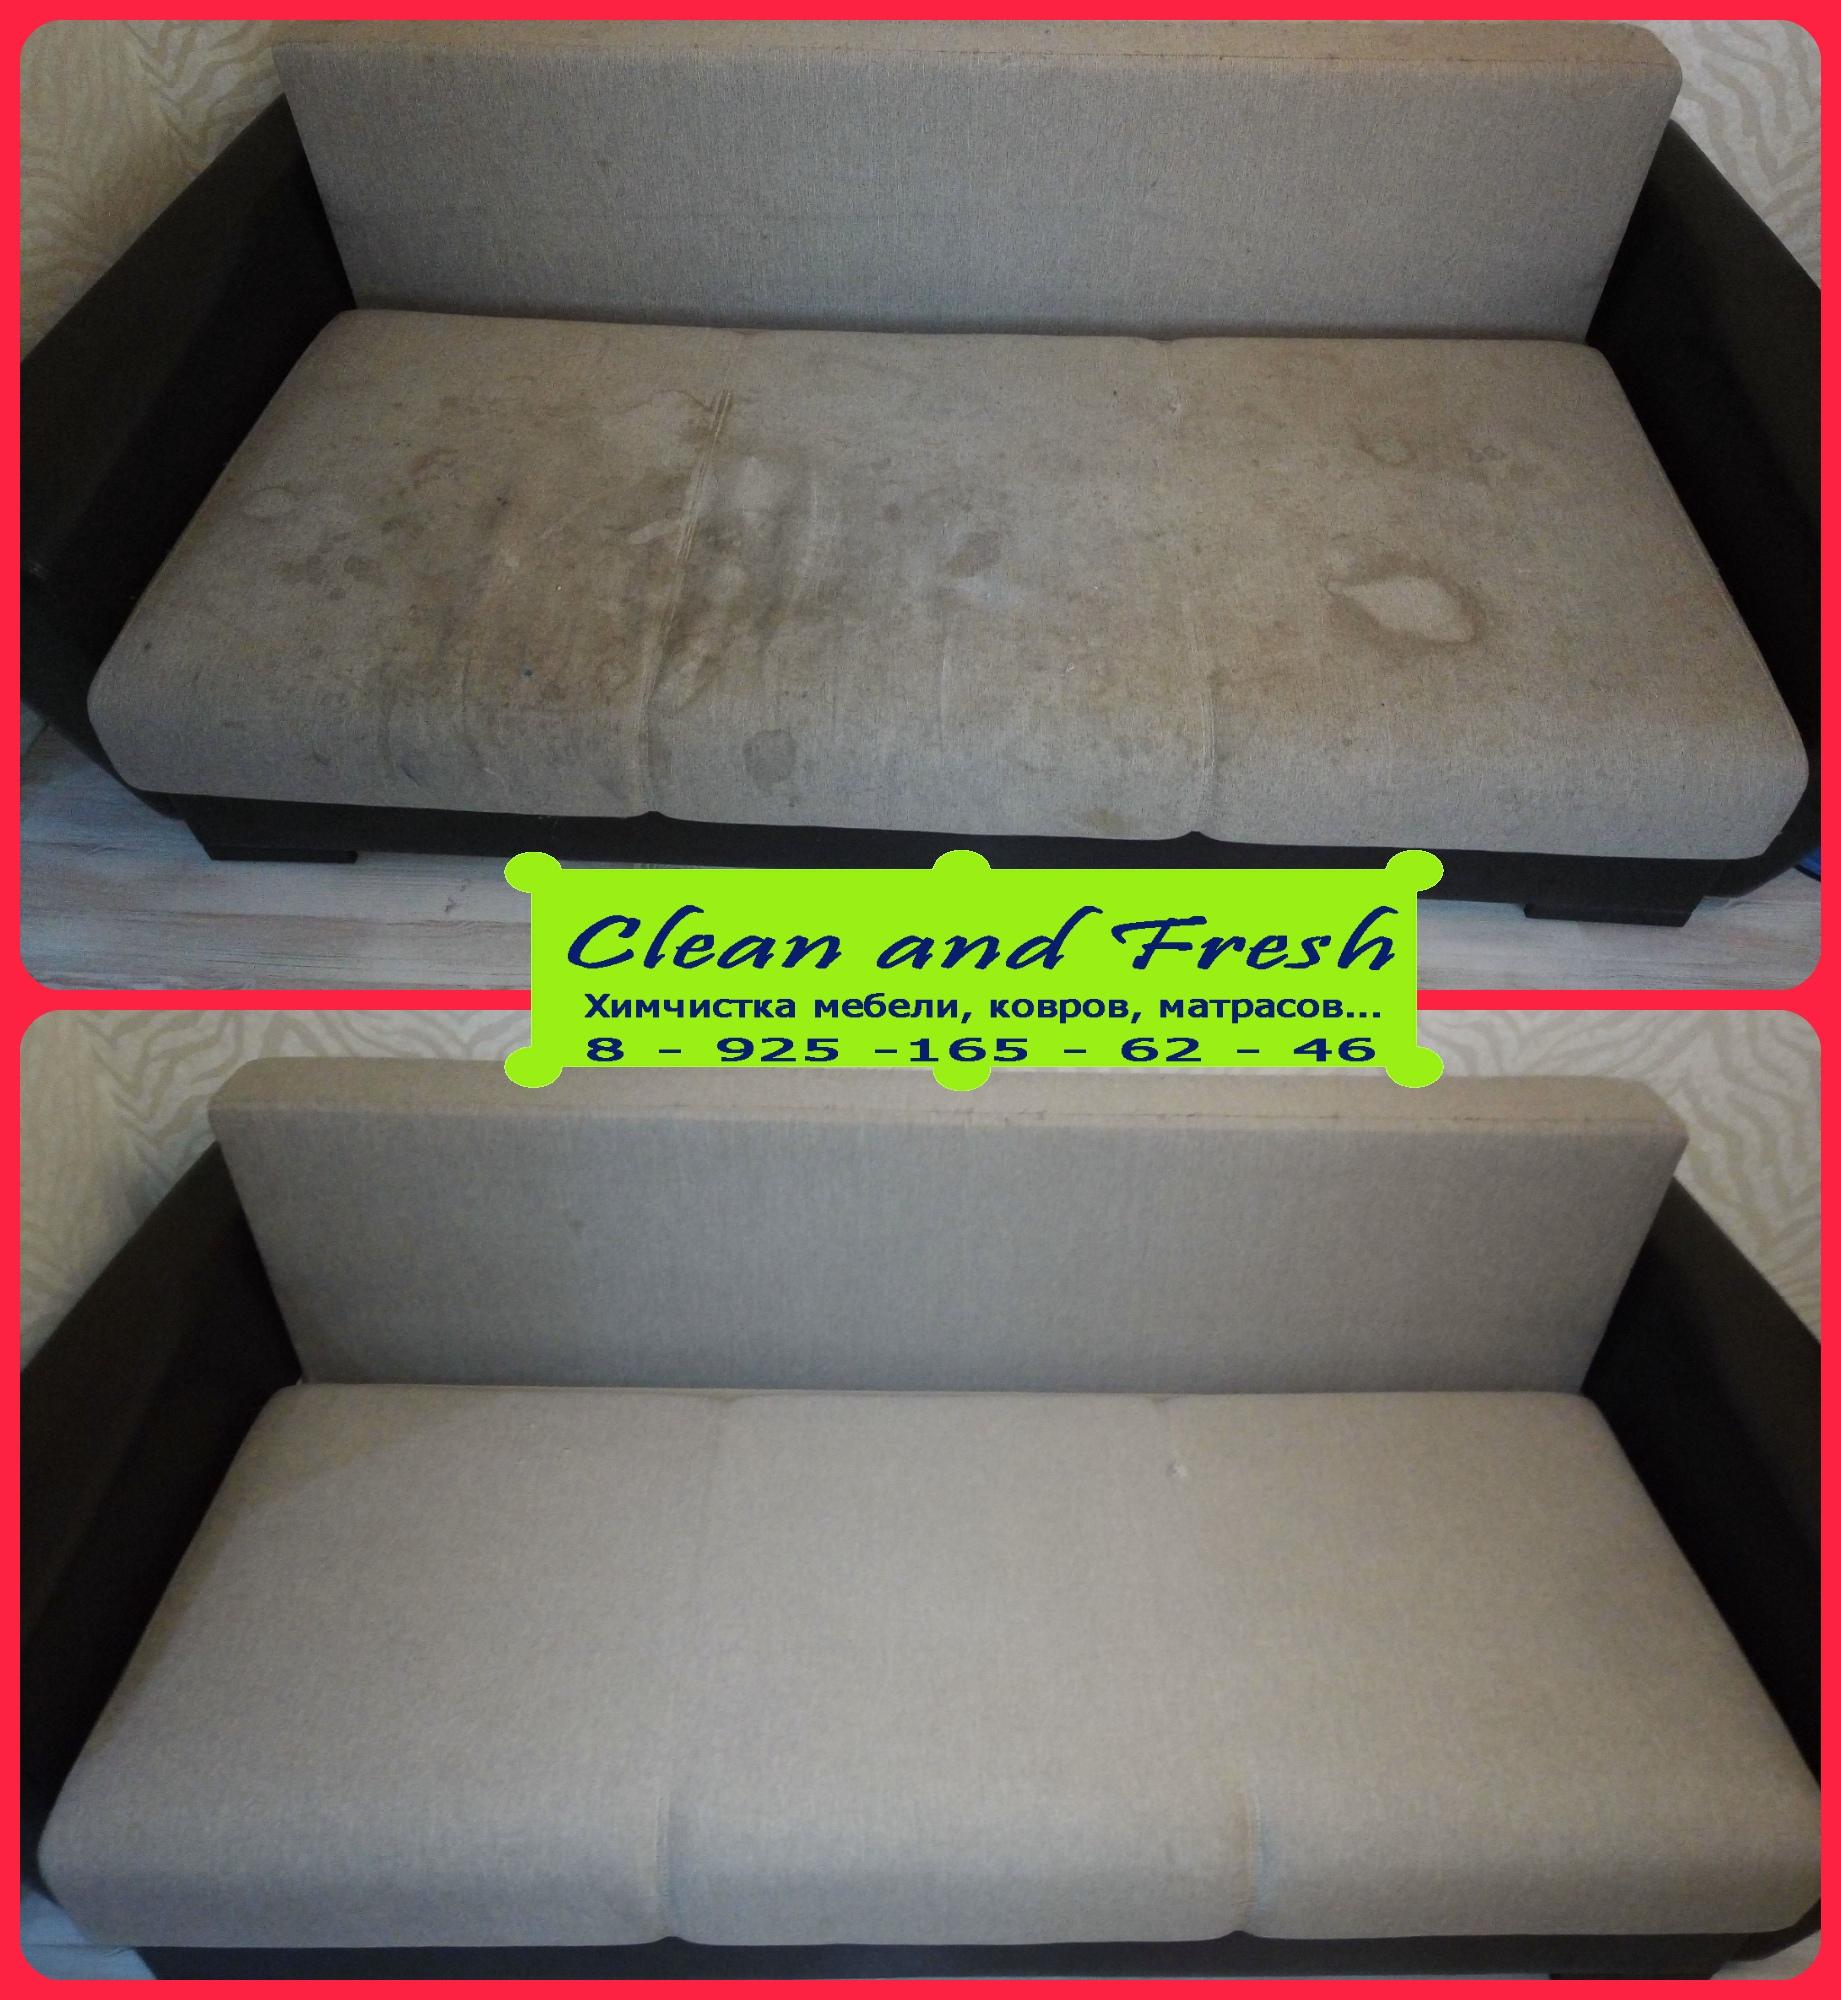 ⚡ Химчистка мягкой мебели, ковров и матрасов.